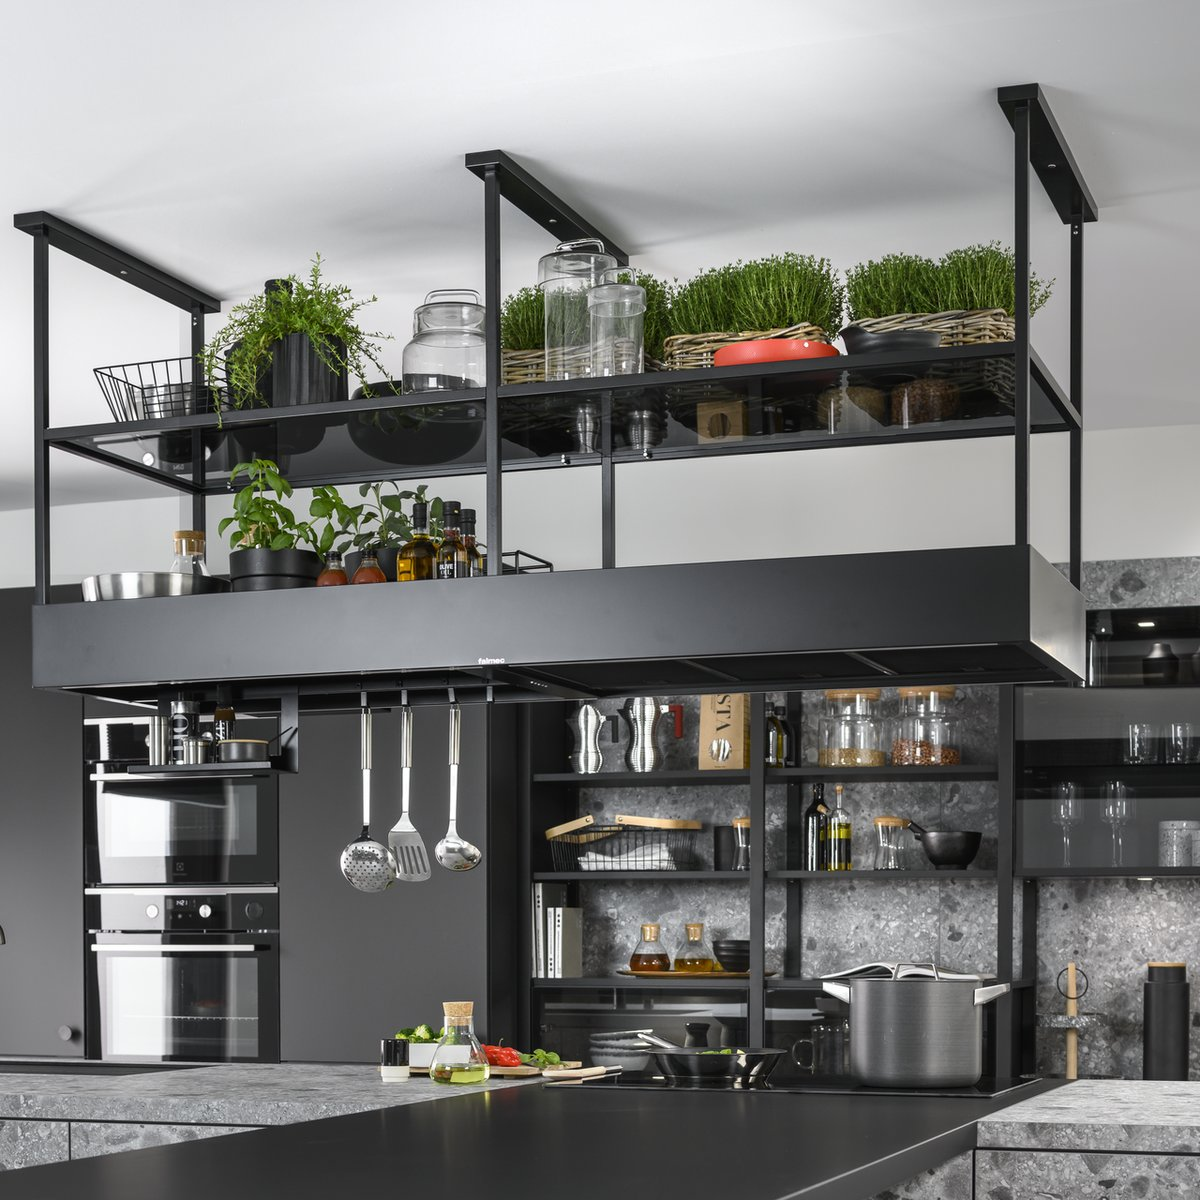 Étagères suspendues style industriel entièrement végétalisées.